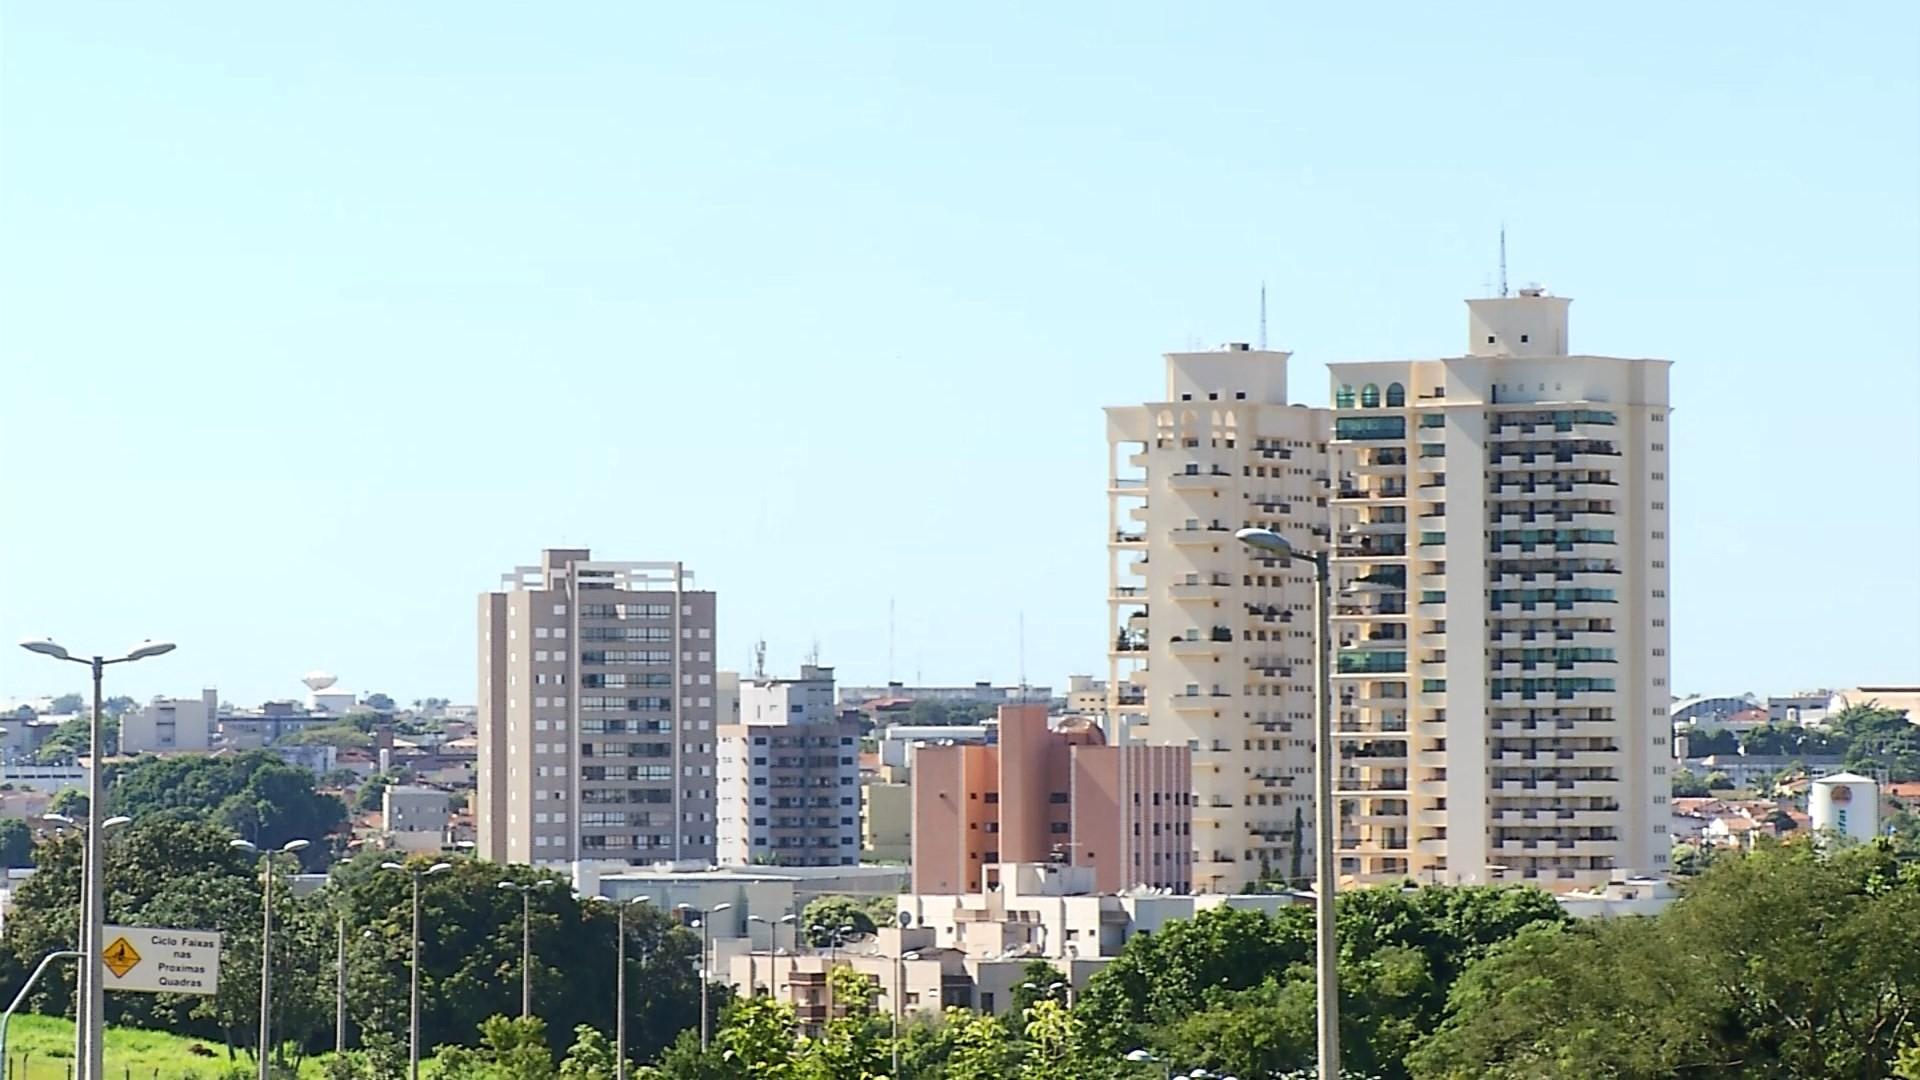 Síndicos e gerentes de condomínios de Uberaba vão receber ofícios sobre medidas de combate à Covid-19